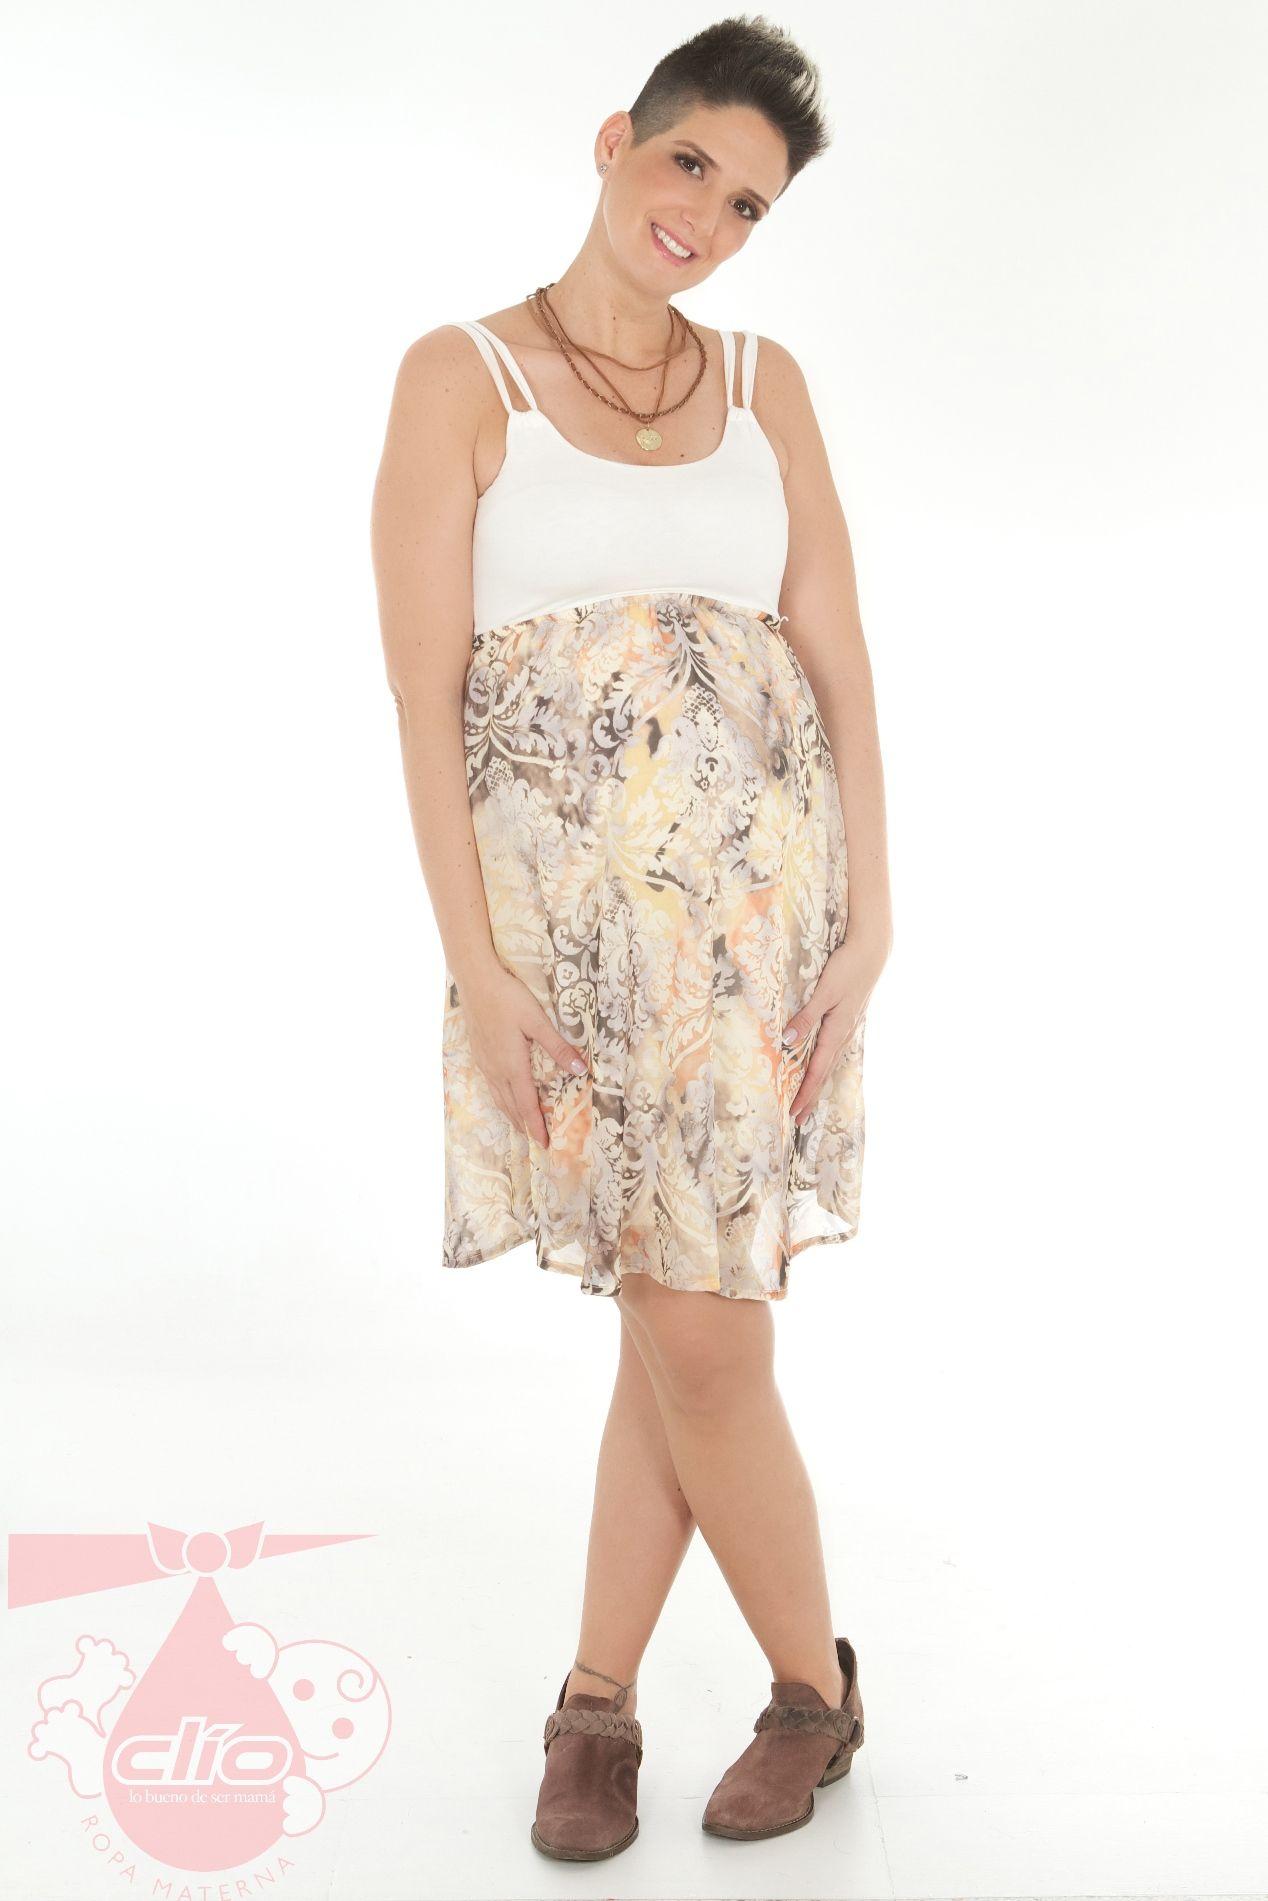 bed8d3121  Ropa  materna con las tendencias de la  moda. Este  vestido  materno con  diseño corto es una excelente opción para estar fresca